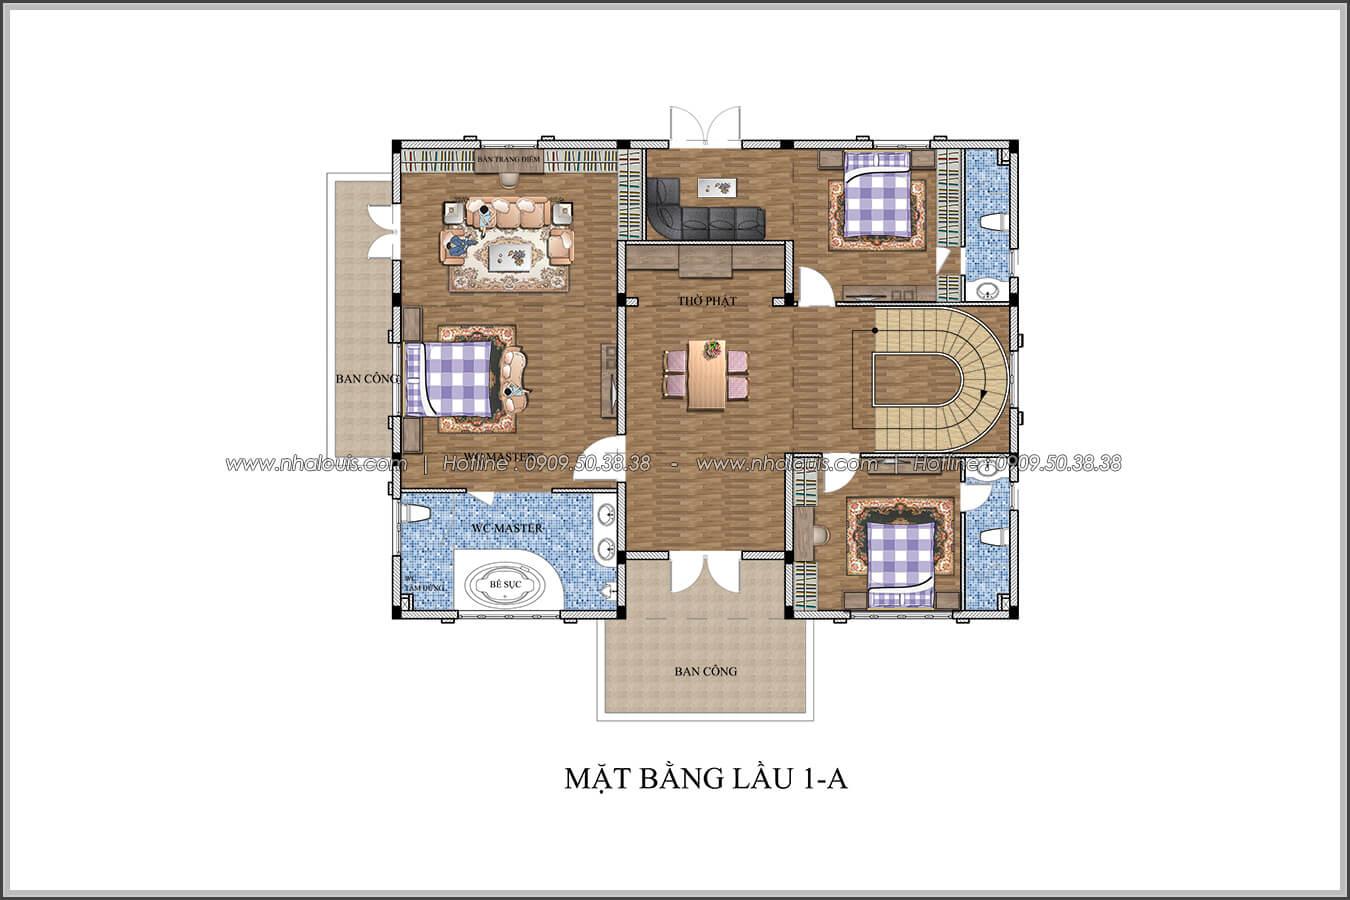 Mặt bằng lầu 1 Mê mẩn với thiết kế biệt thự 3 tầng kiểu Pháp hoành tráng tại Biên Hòa - 06